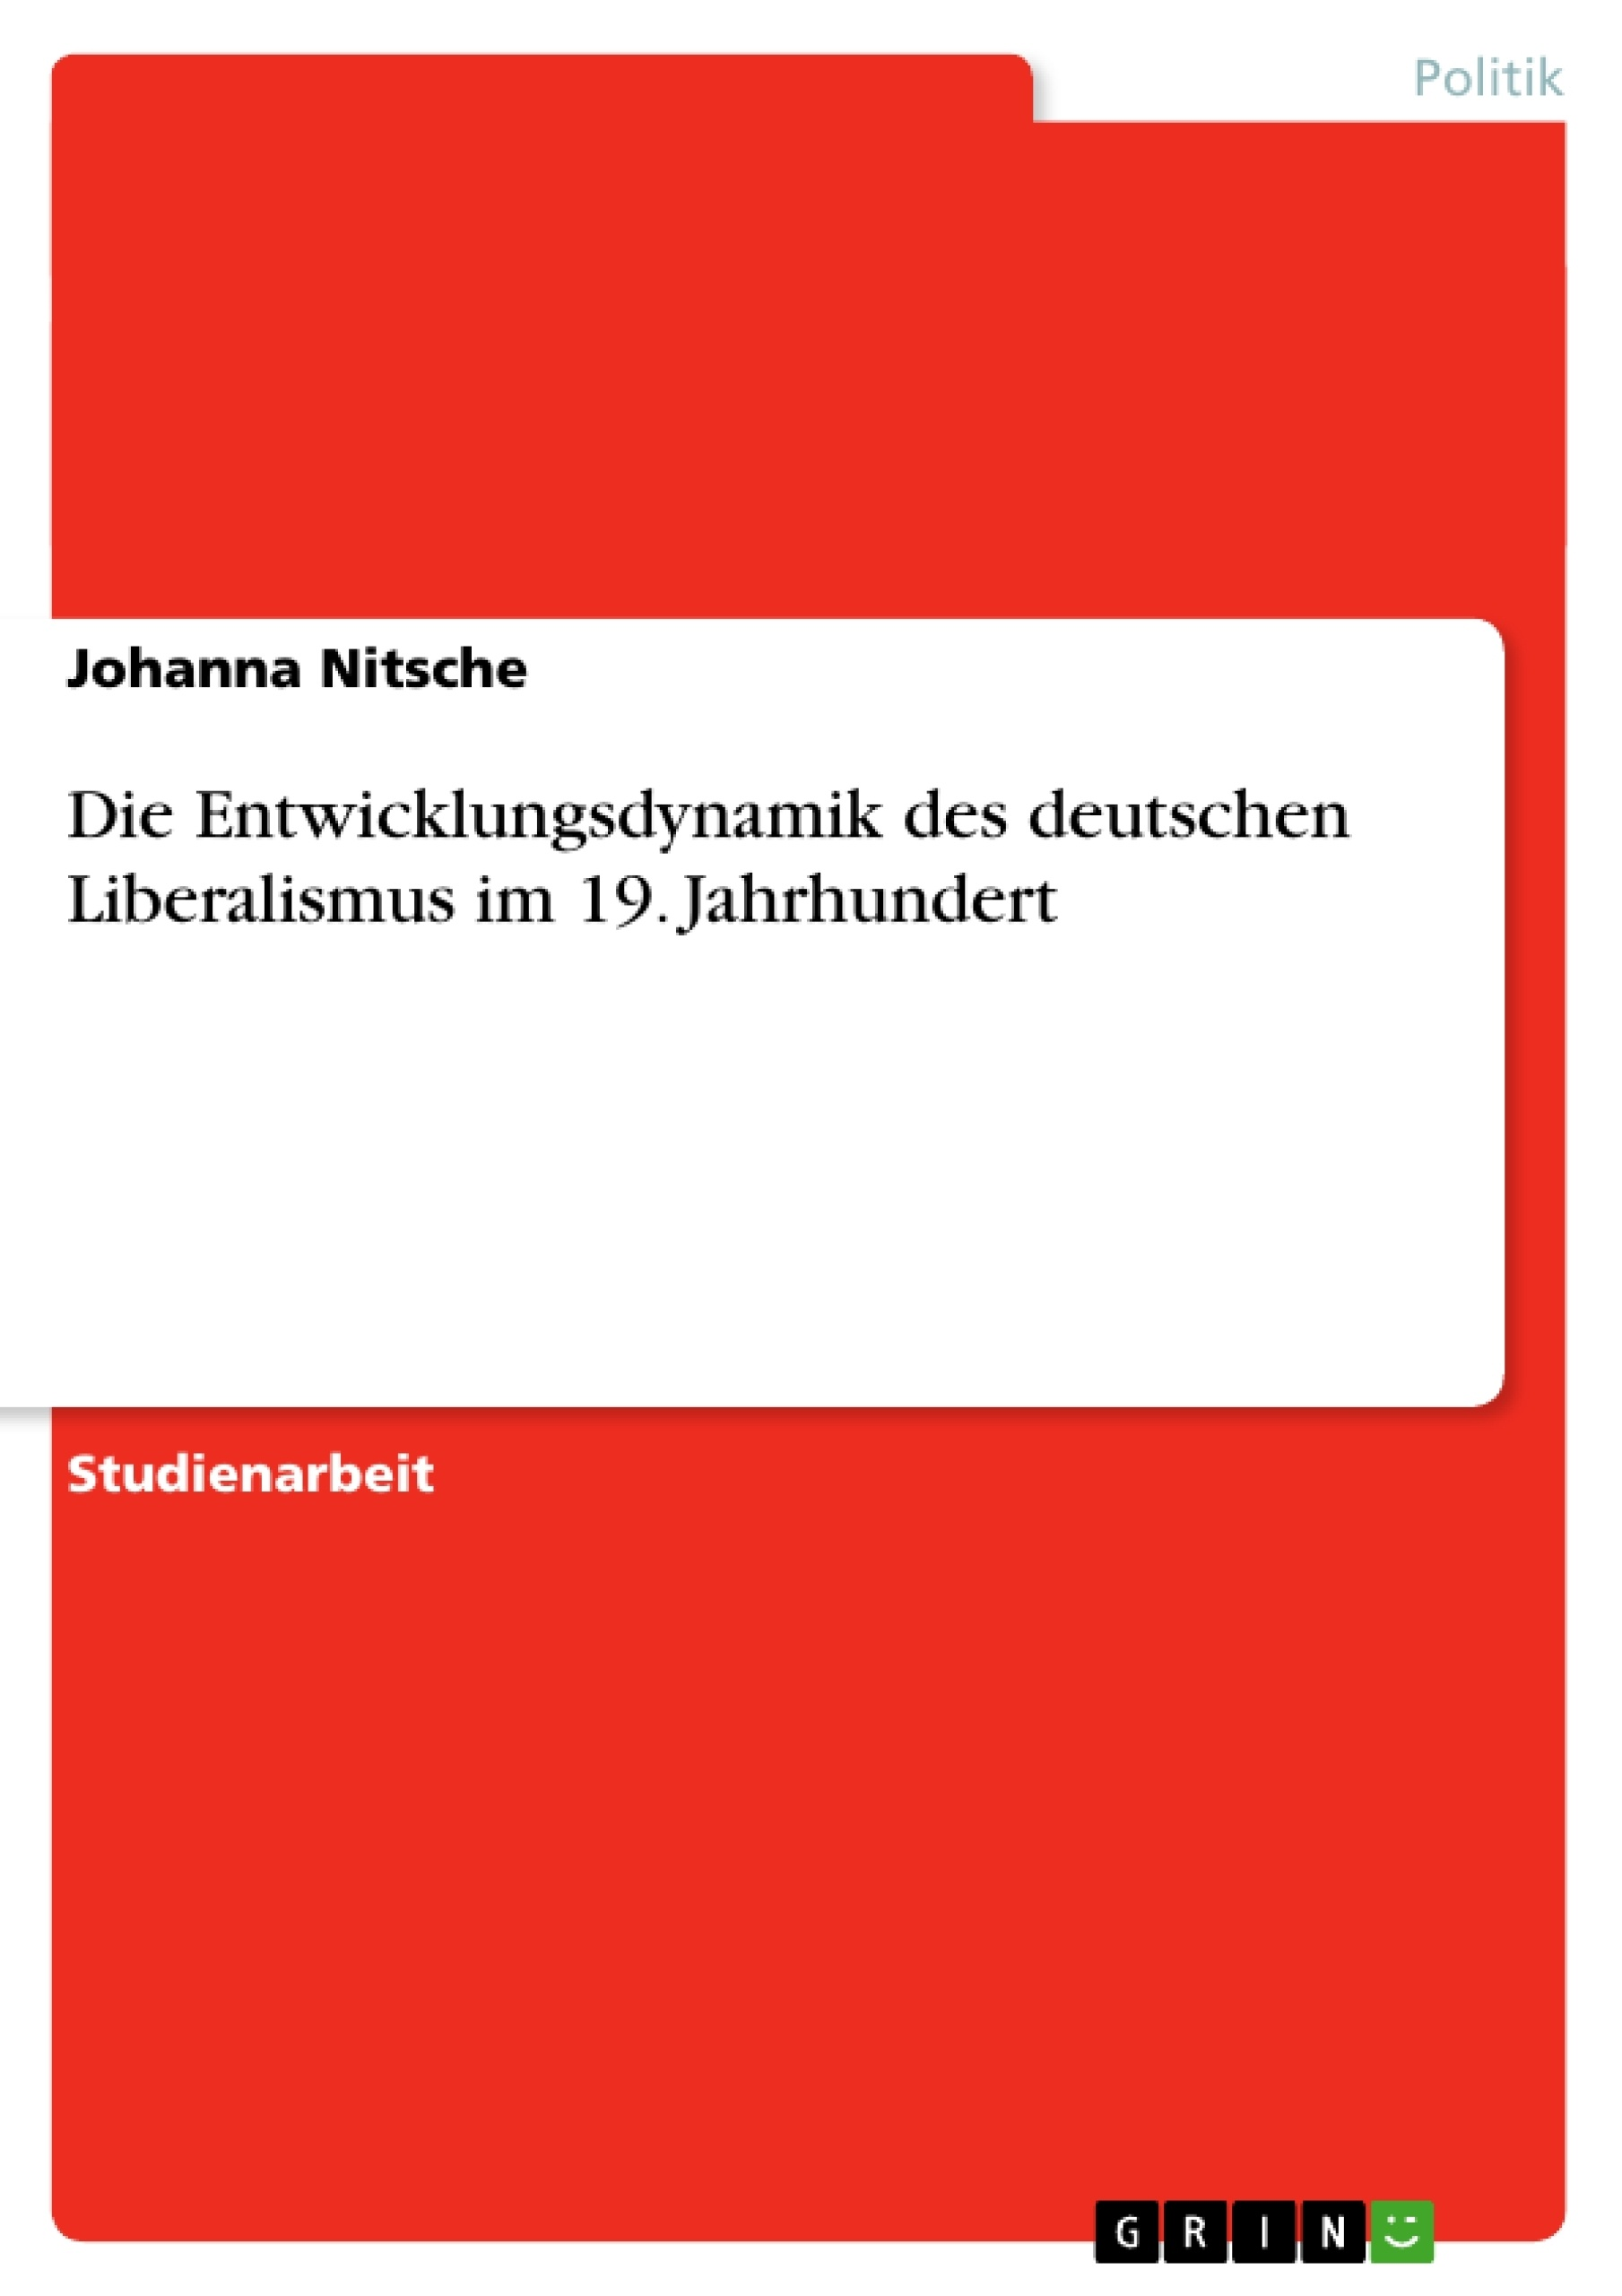 Titel: Die Entwicklungsdynamik des deutschen Liberalismus im 19. Jahrhundert